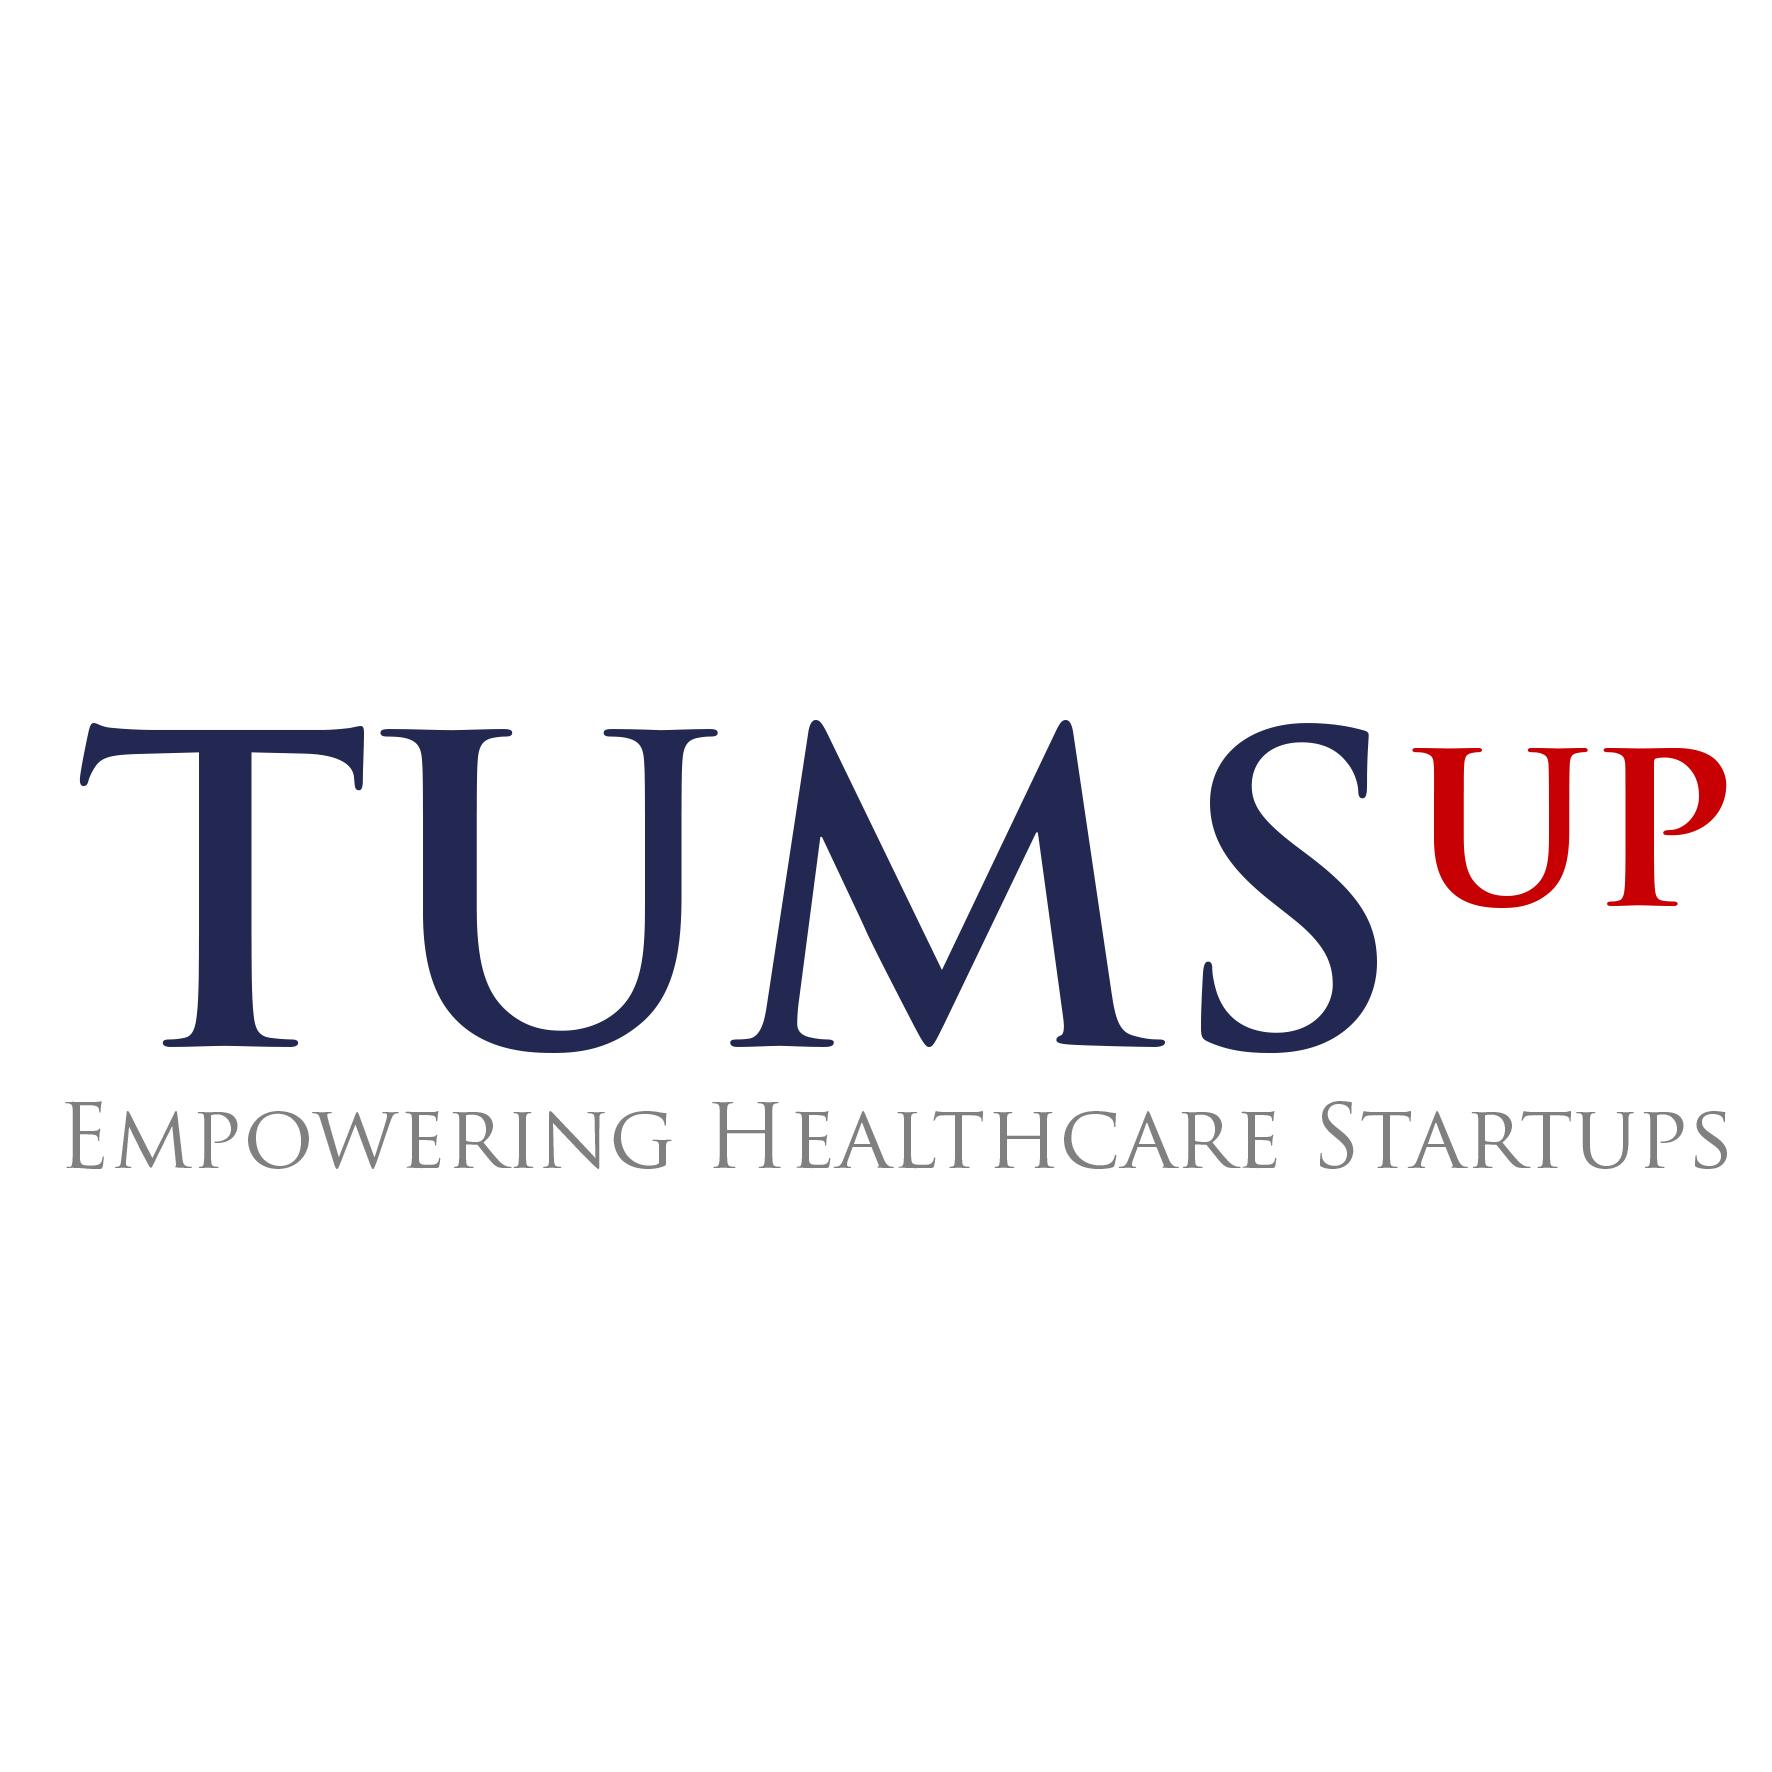 گزارش برنامه آموزش و توانمندسازی کارآفرینی سلامت تامزآپ در سال 98